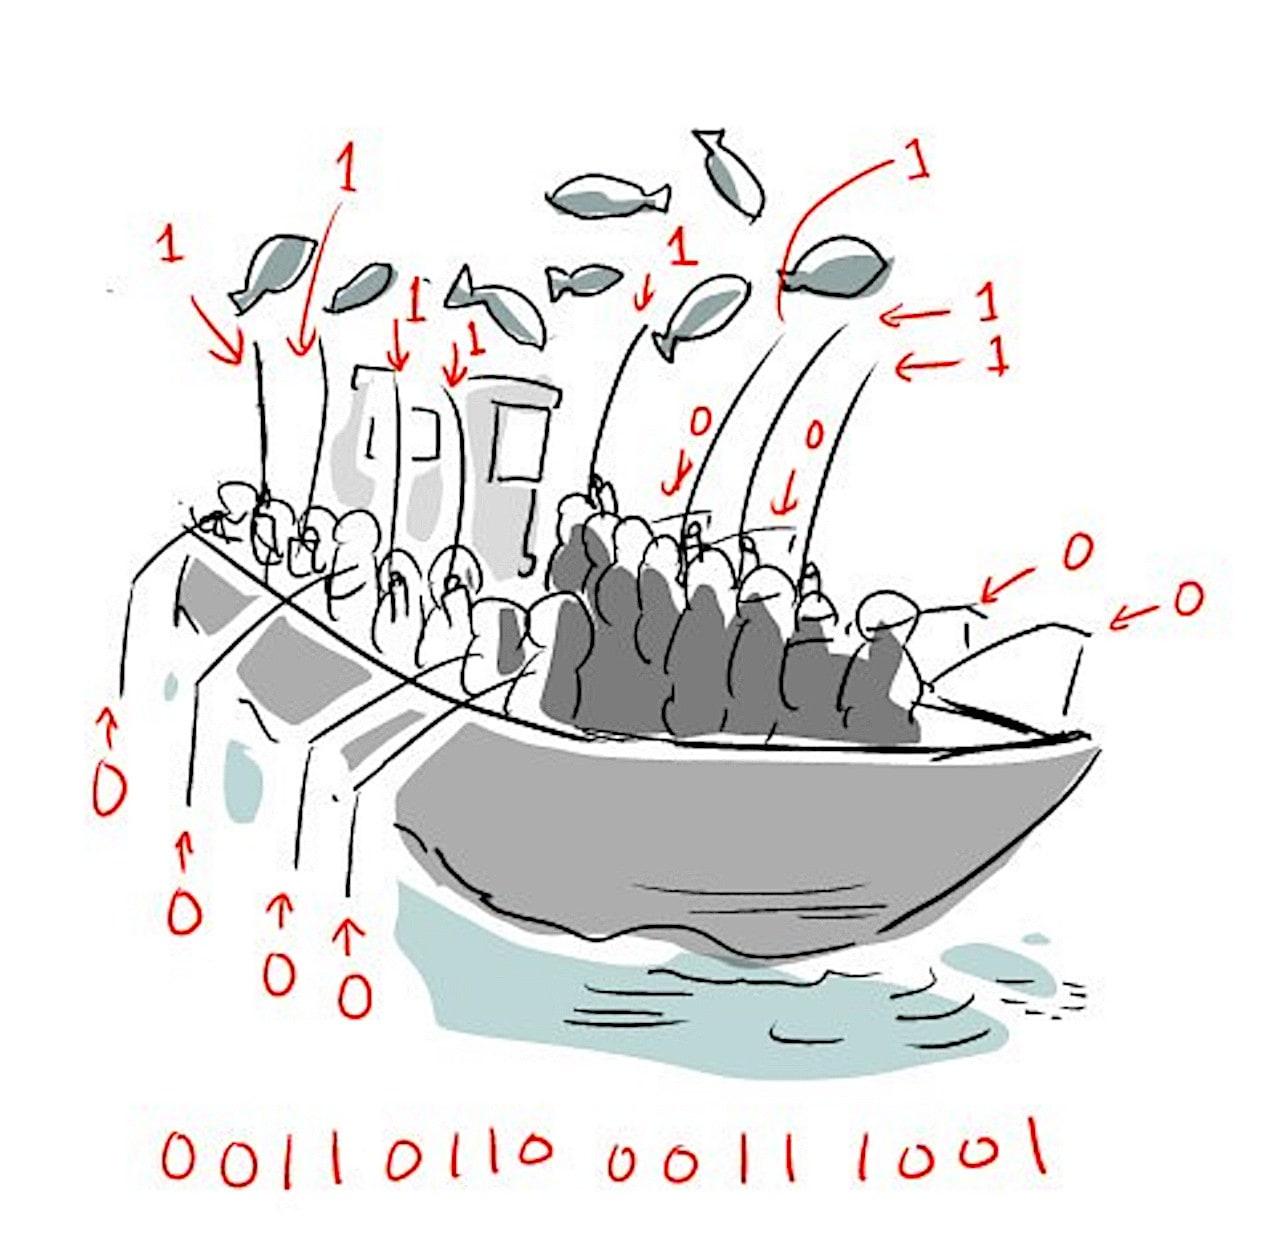 漁師コンピュータ、漁師コンピューティング